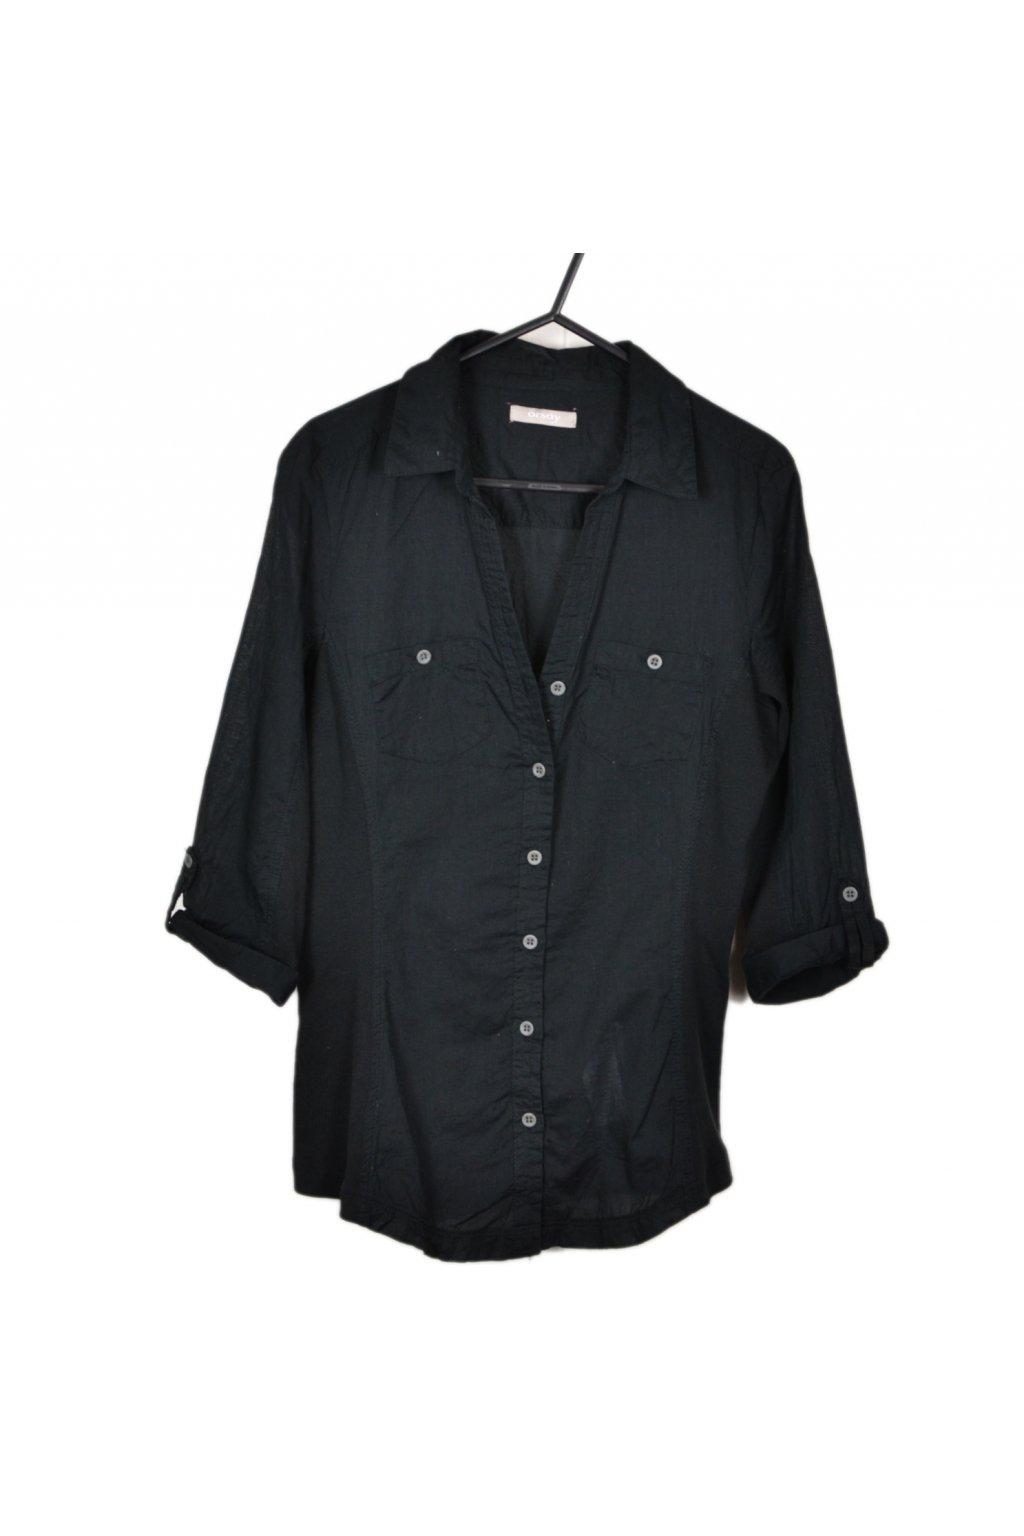 Halenka Orsay 36/S černá